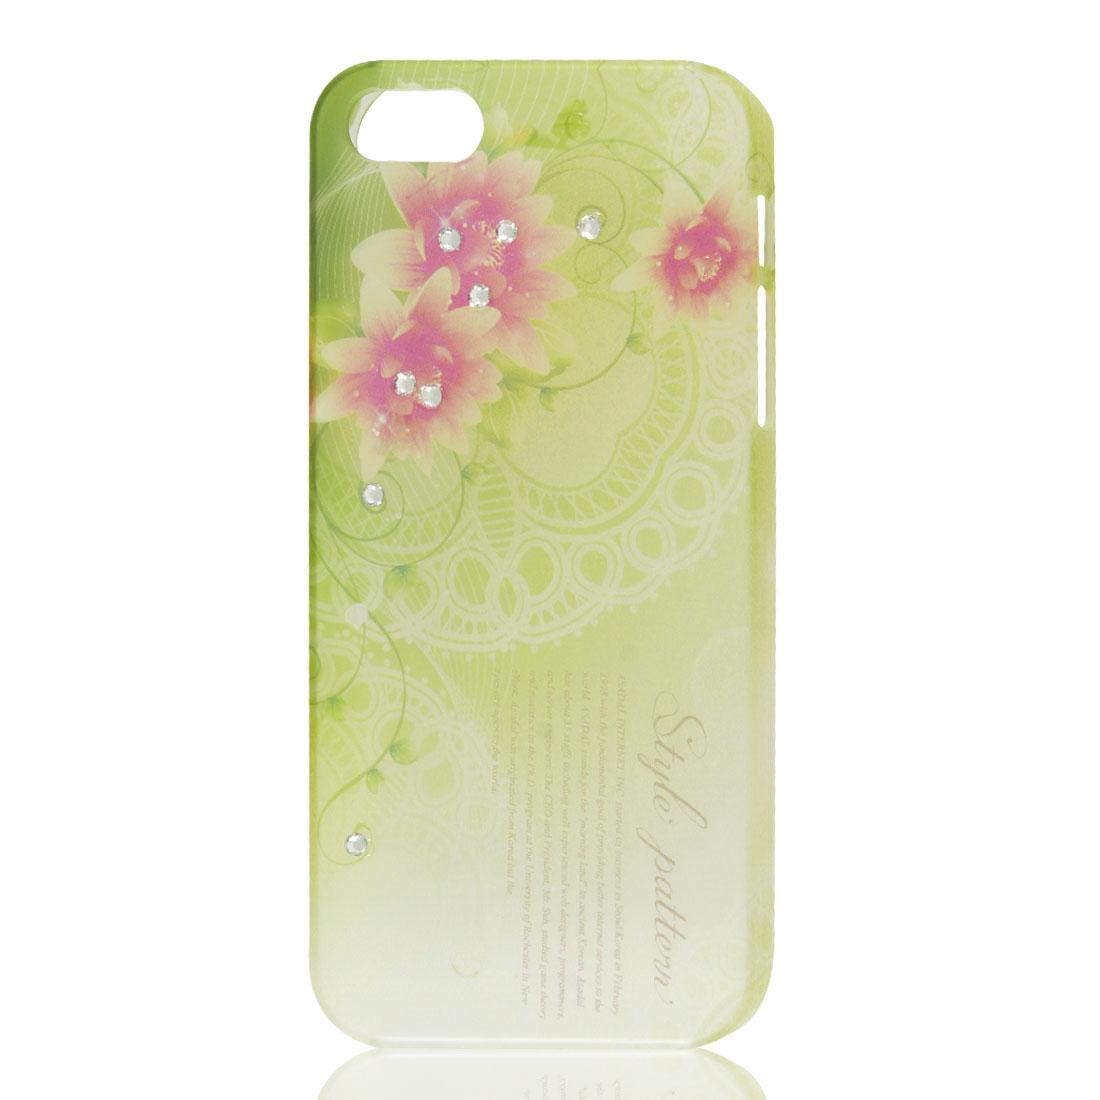 Flower Letters Bling Glitter Rhinestone Hard Back Case Cover for iPhone 5 5G